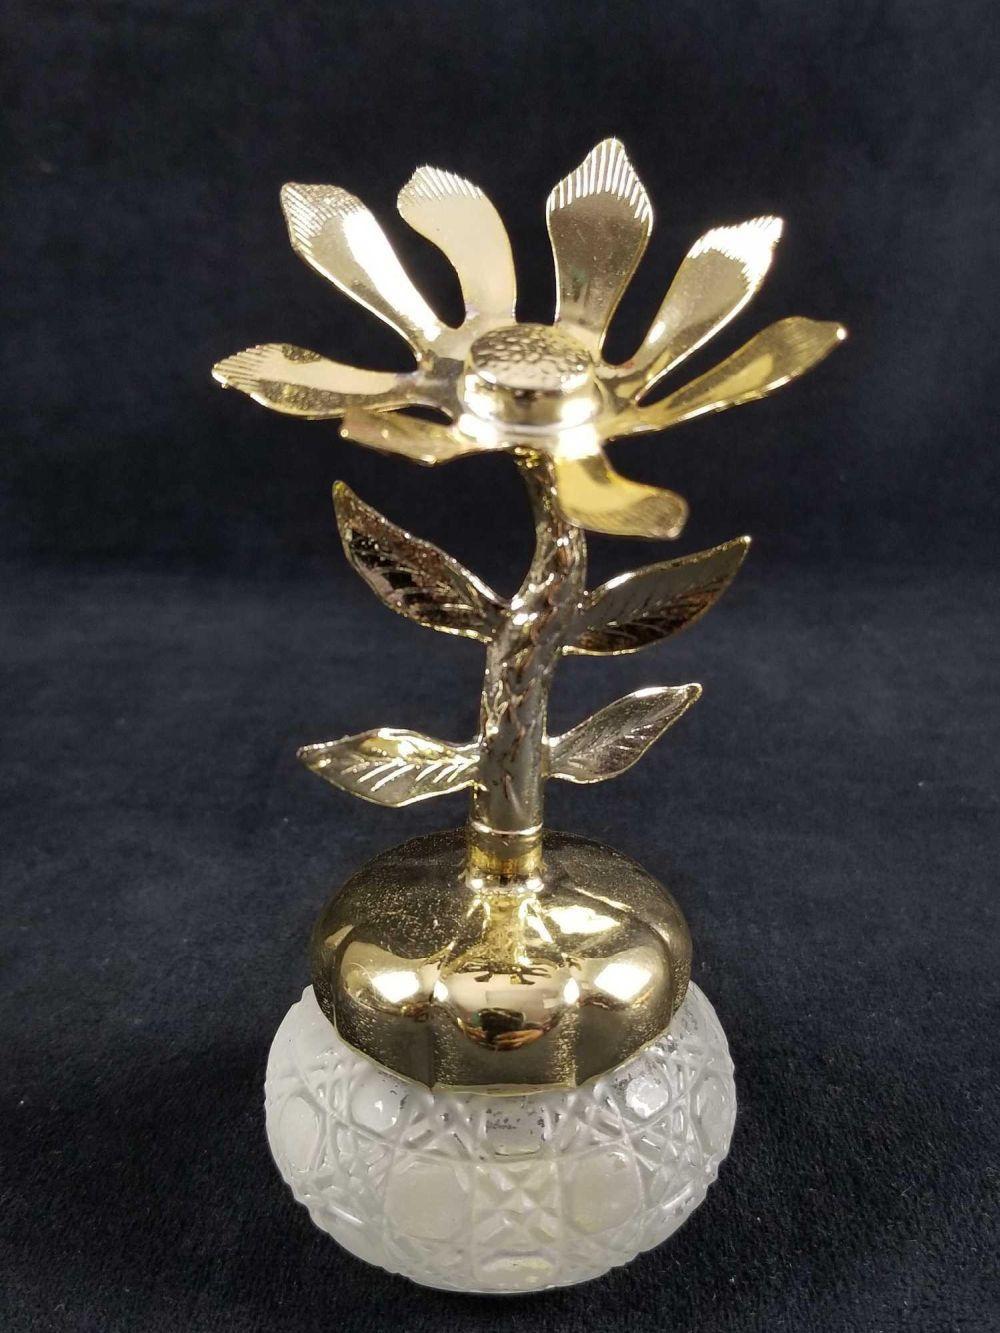 Lot 230: Vintage Avon Flower Shape Perfume Bottles